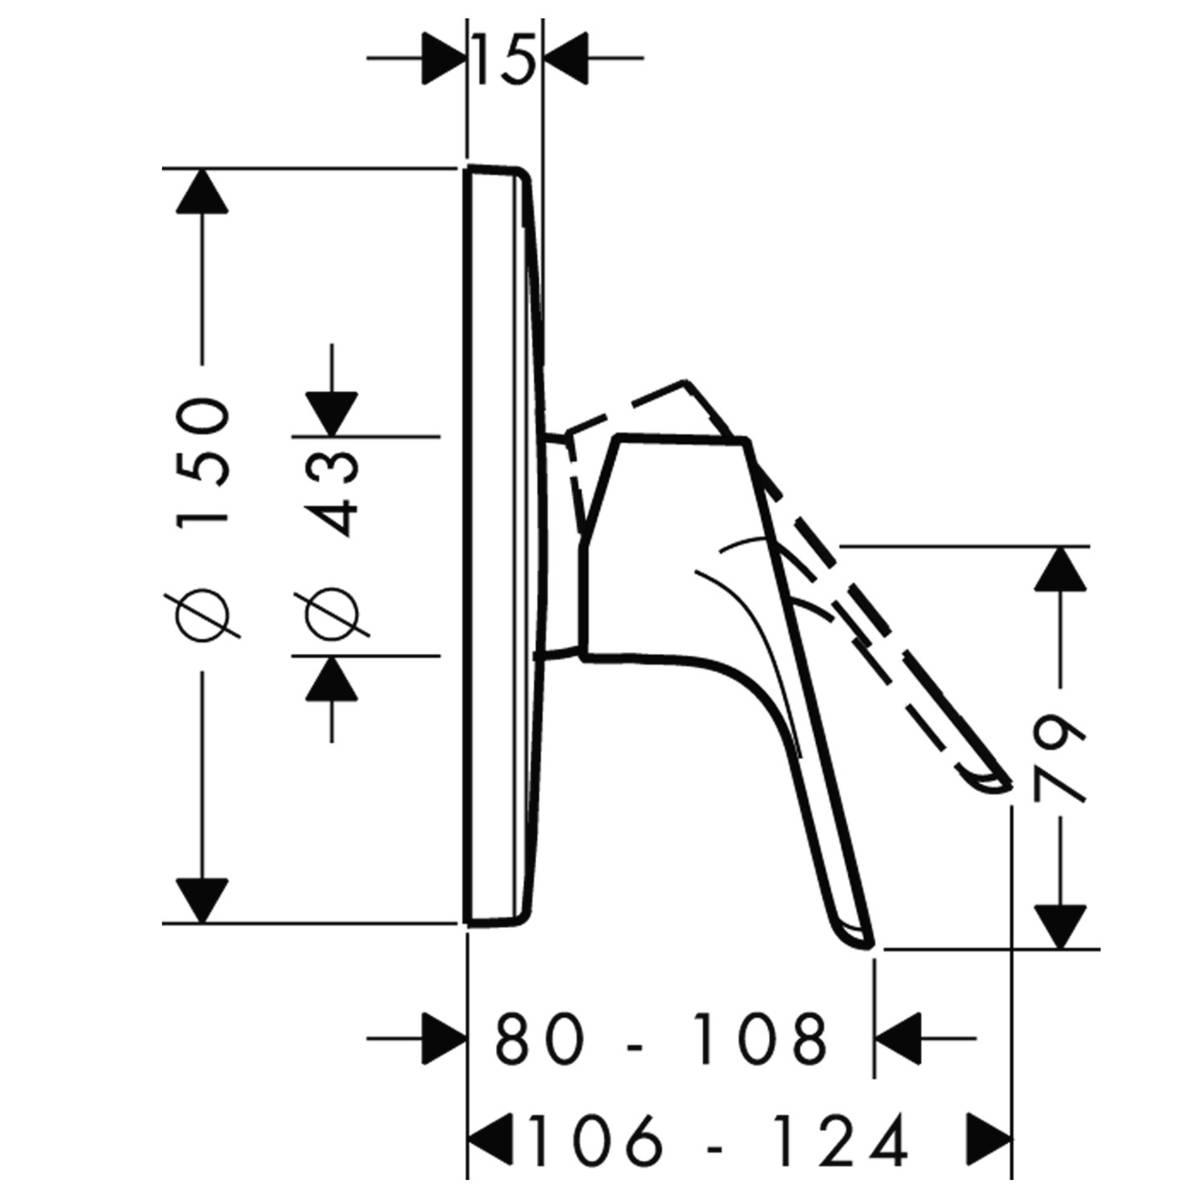 HG Brausenmischer Unterputz Focus Fertigset chrom